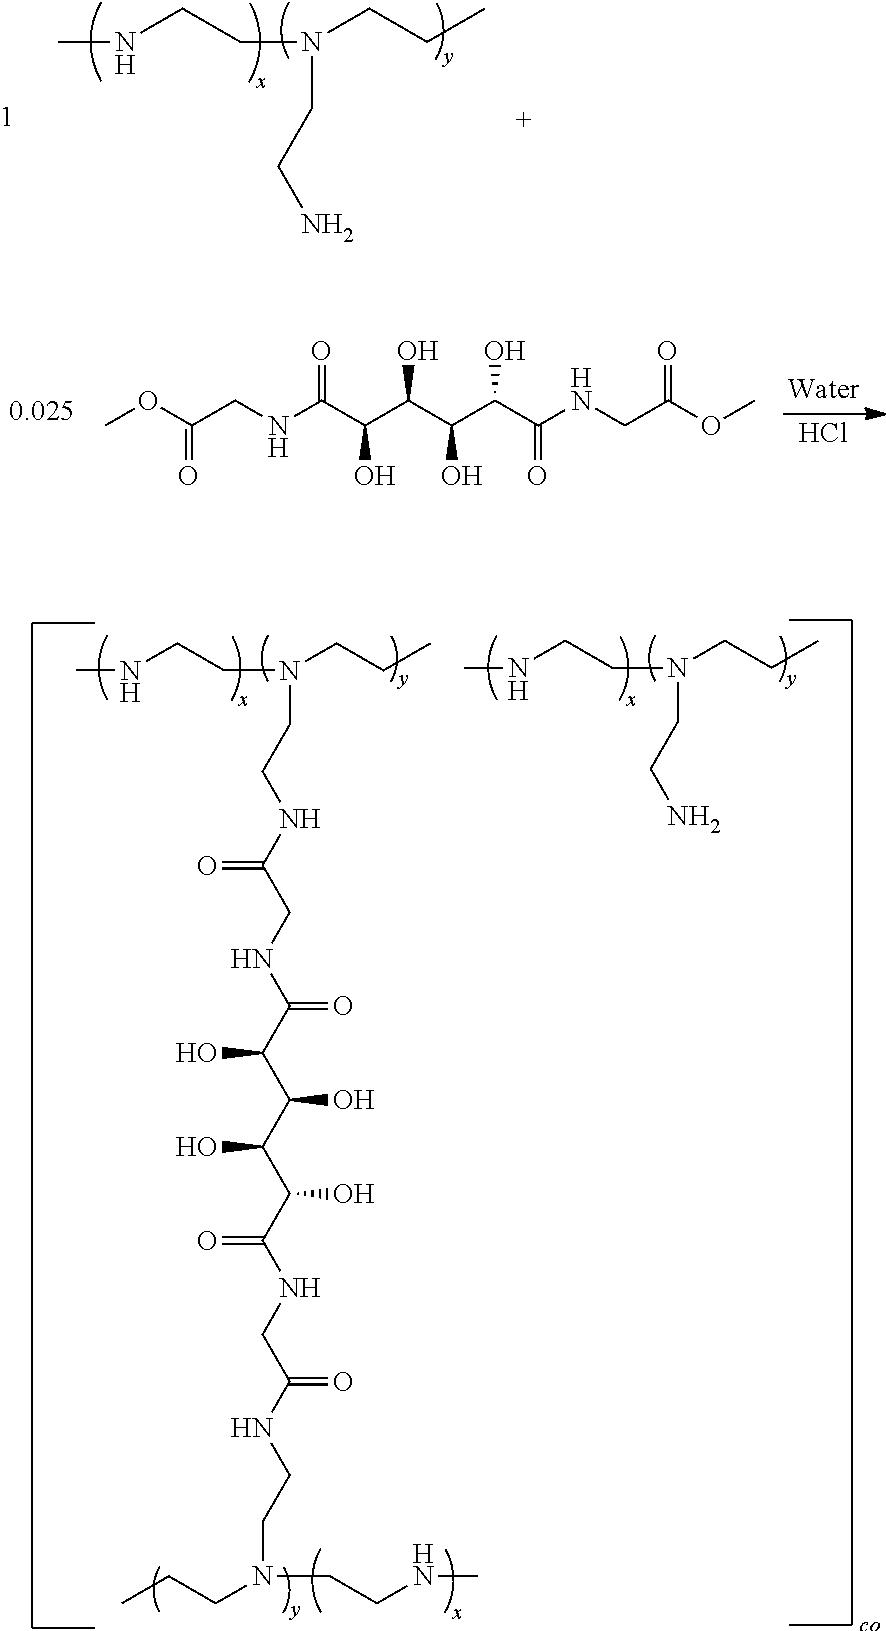 Figure US08426528-20130423-C00013